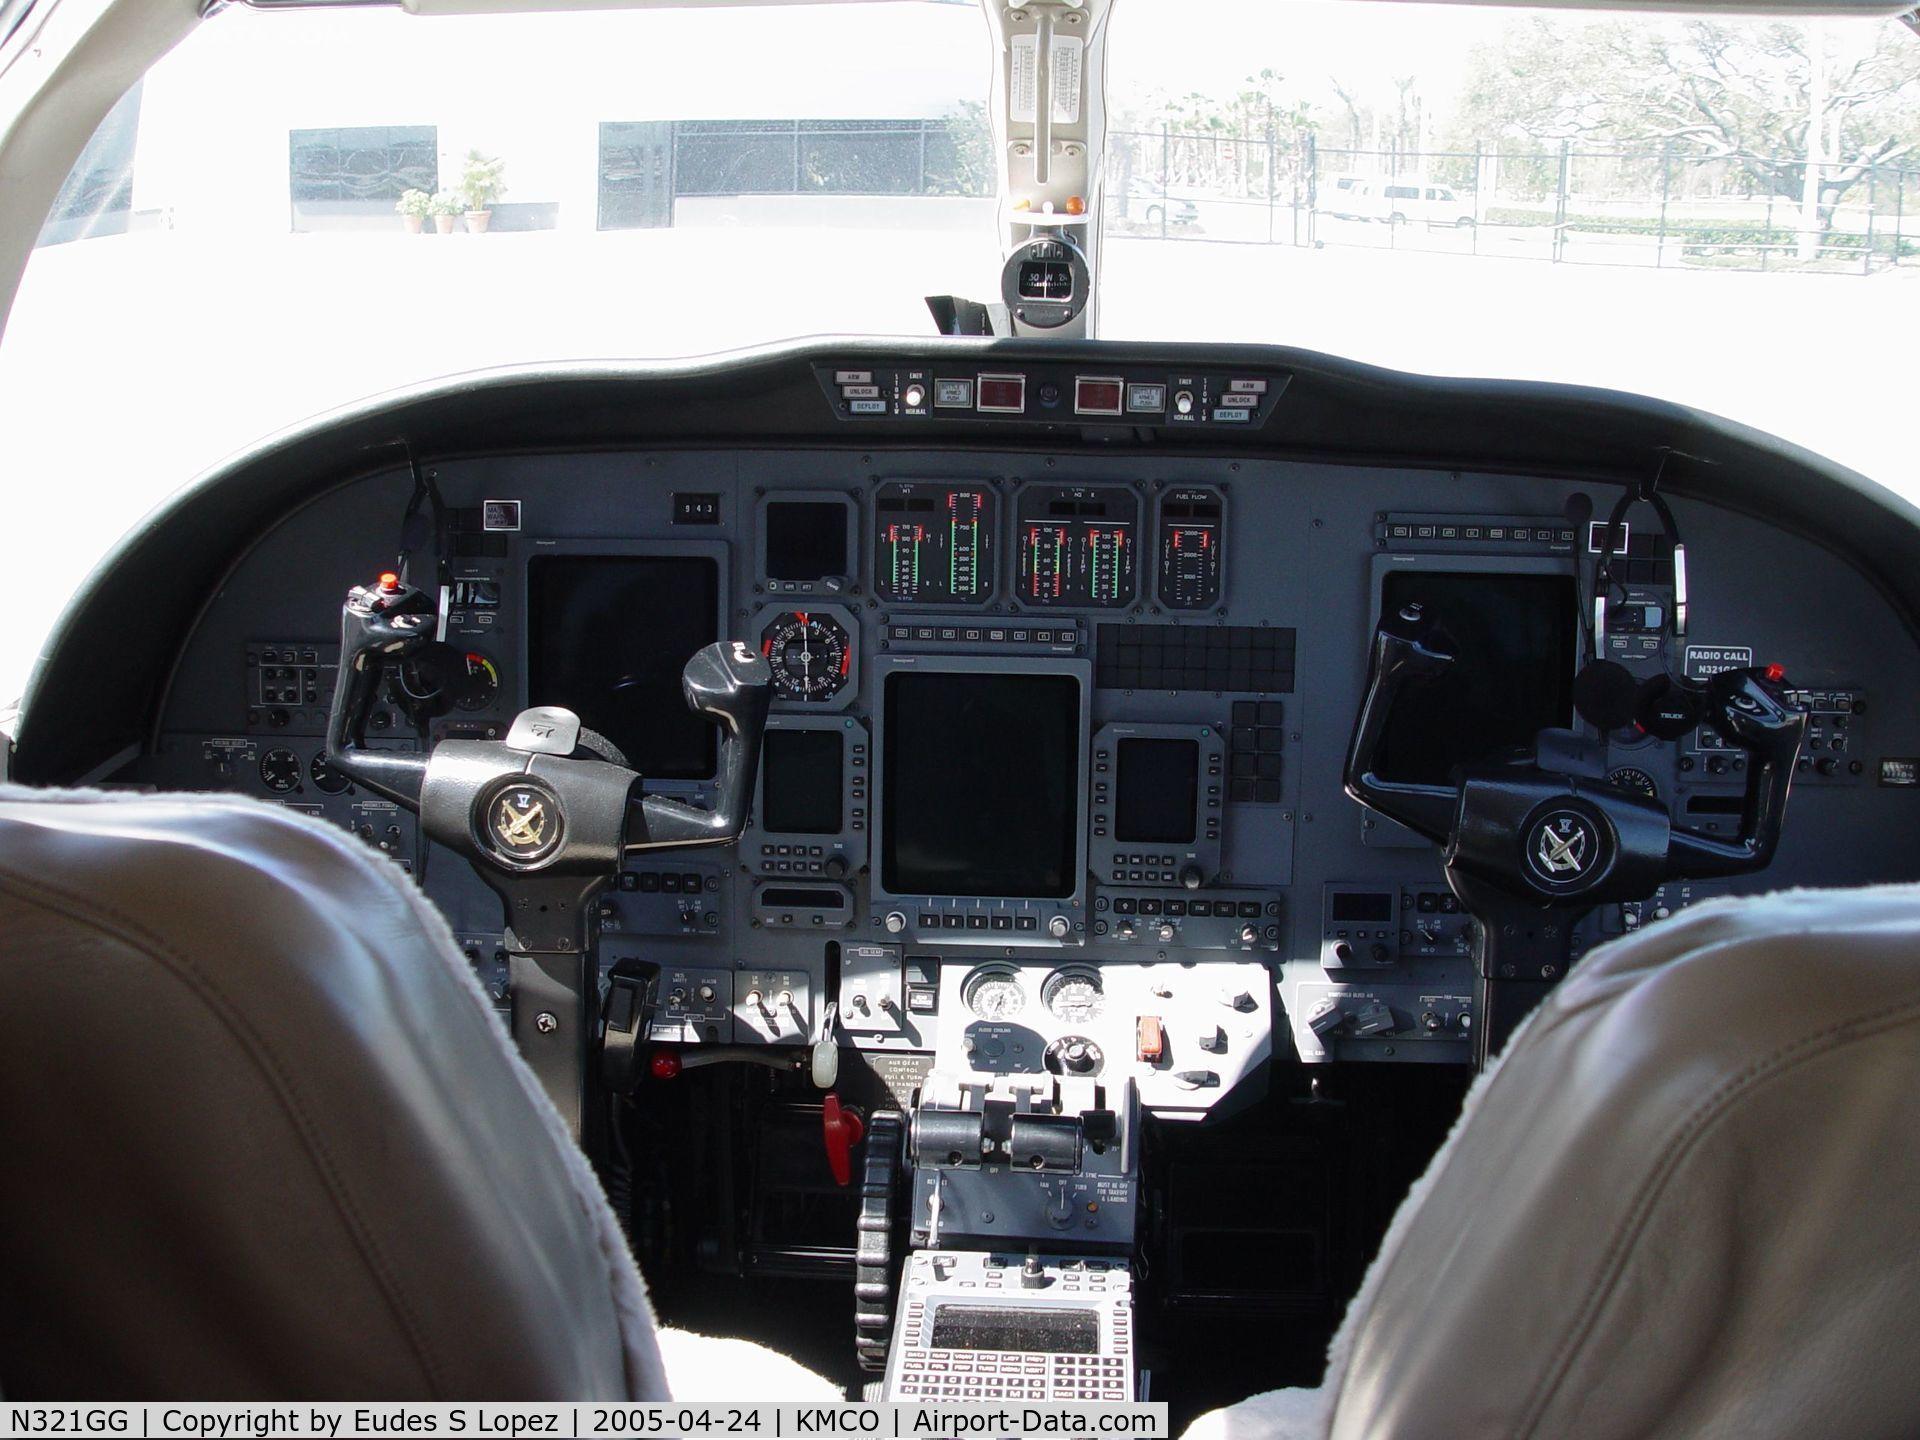 N321GG, 1998 Cessna 560 Citation Ultra C/N 560-0474, COCKPIT